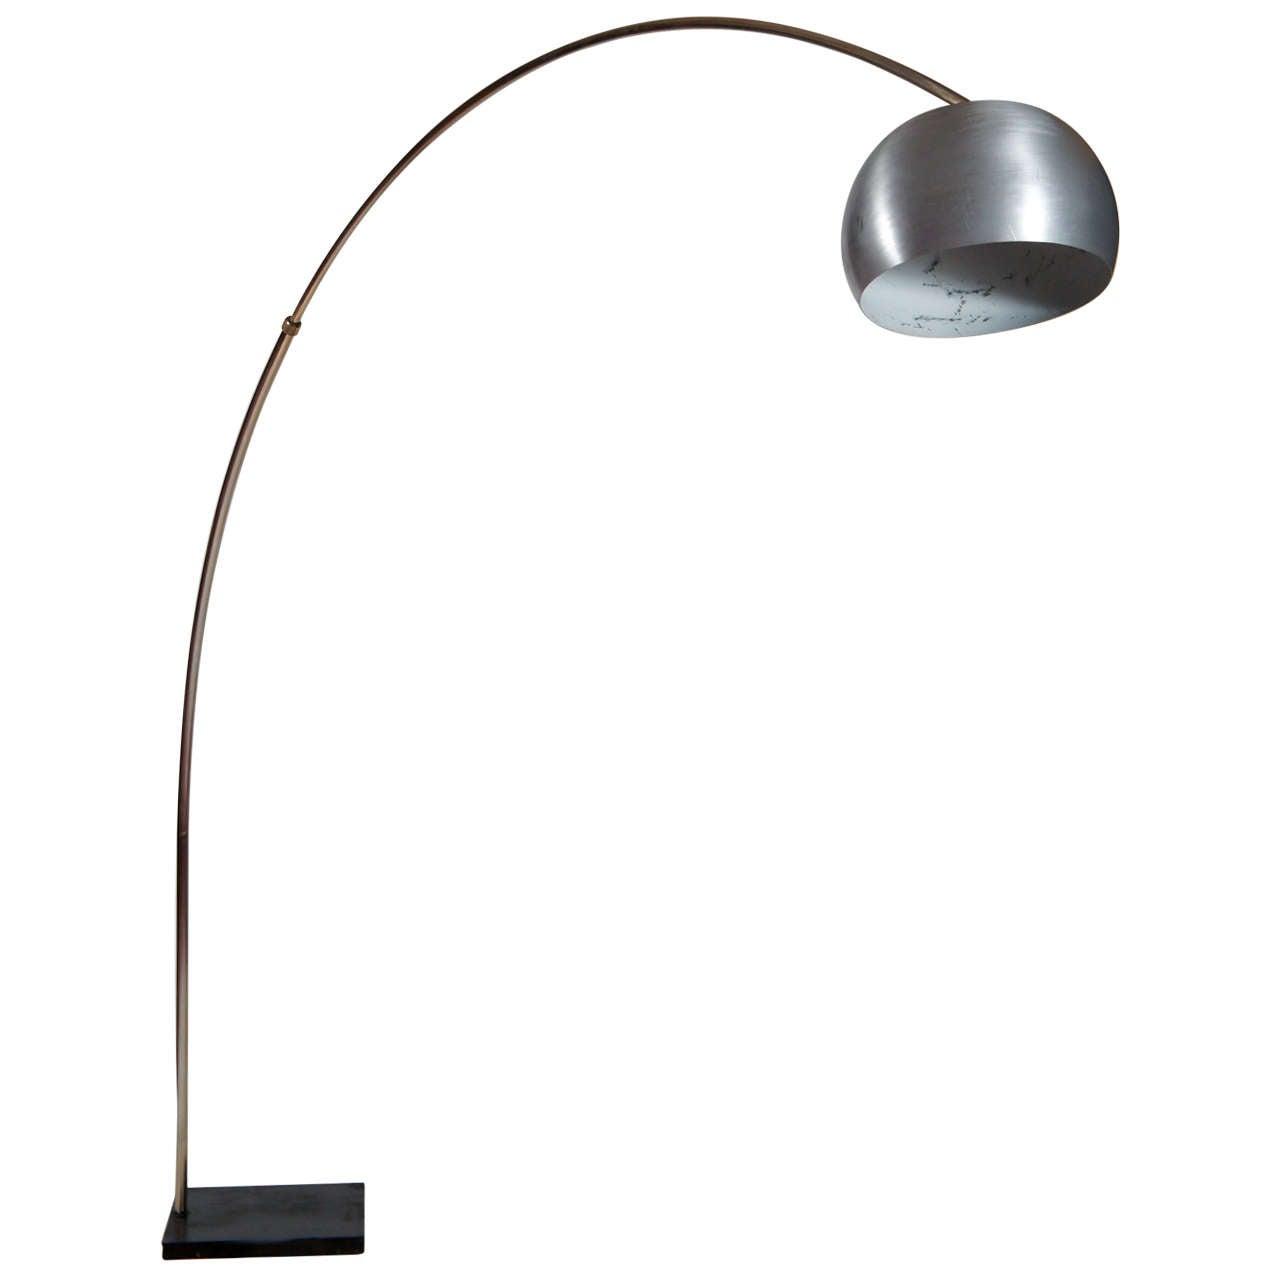 home furniture lighting floor lamps. Black Bedroom Furniture Sets. Home Design Ideas